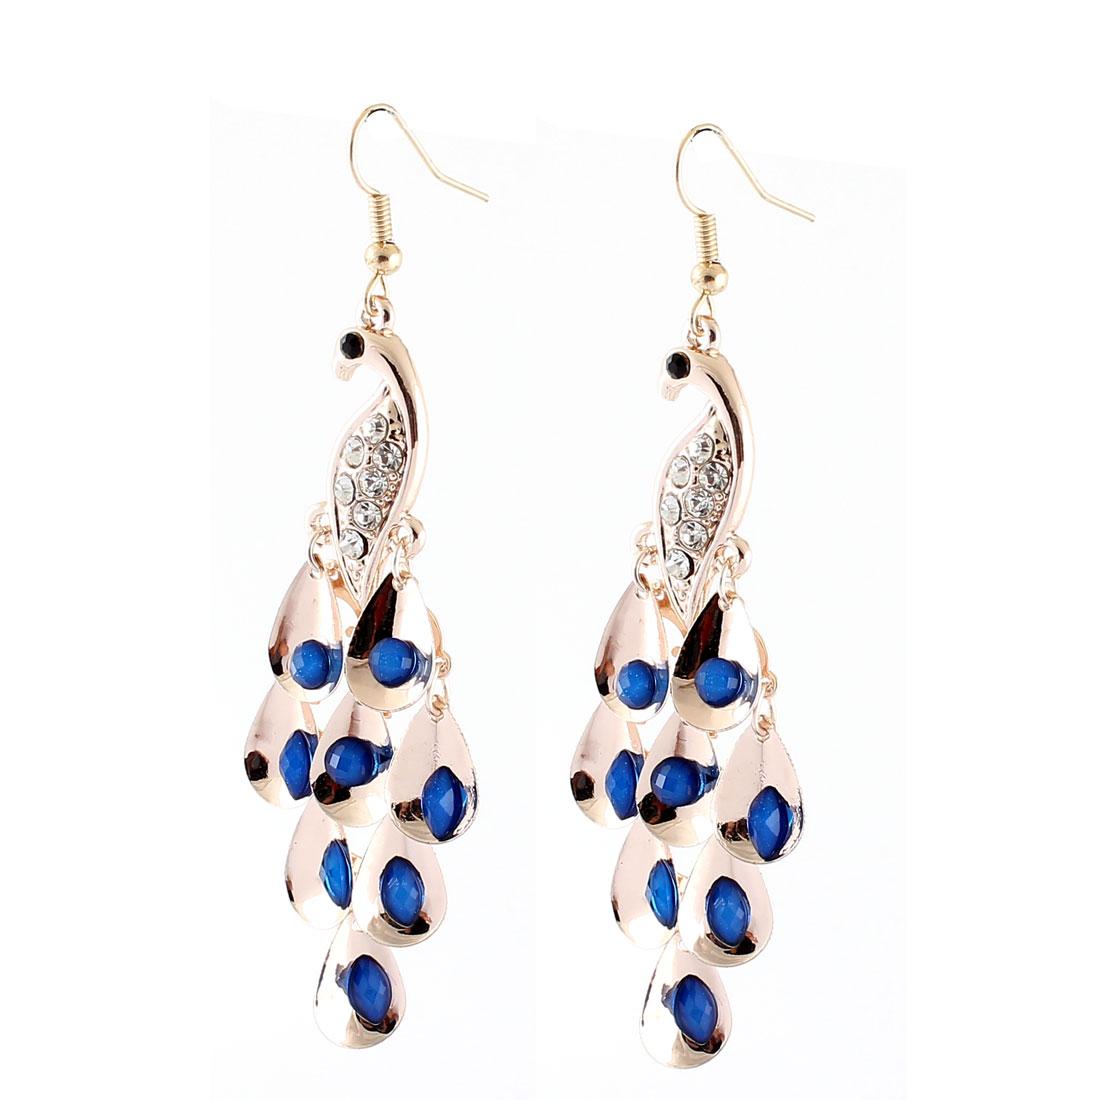 Lady Metal Dangling Peafowl Pendant Rhinestone Inlaid Hook Earrings Dark Blue Pair